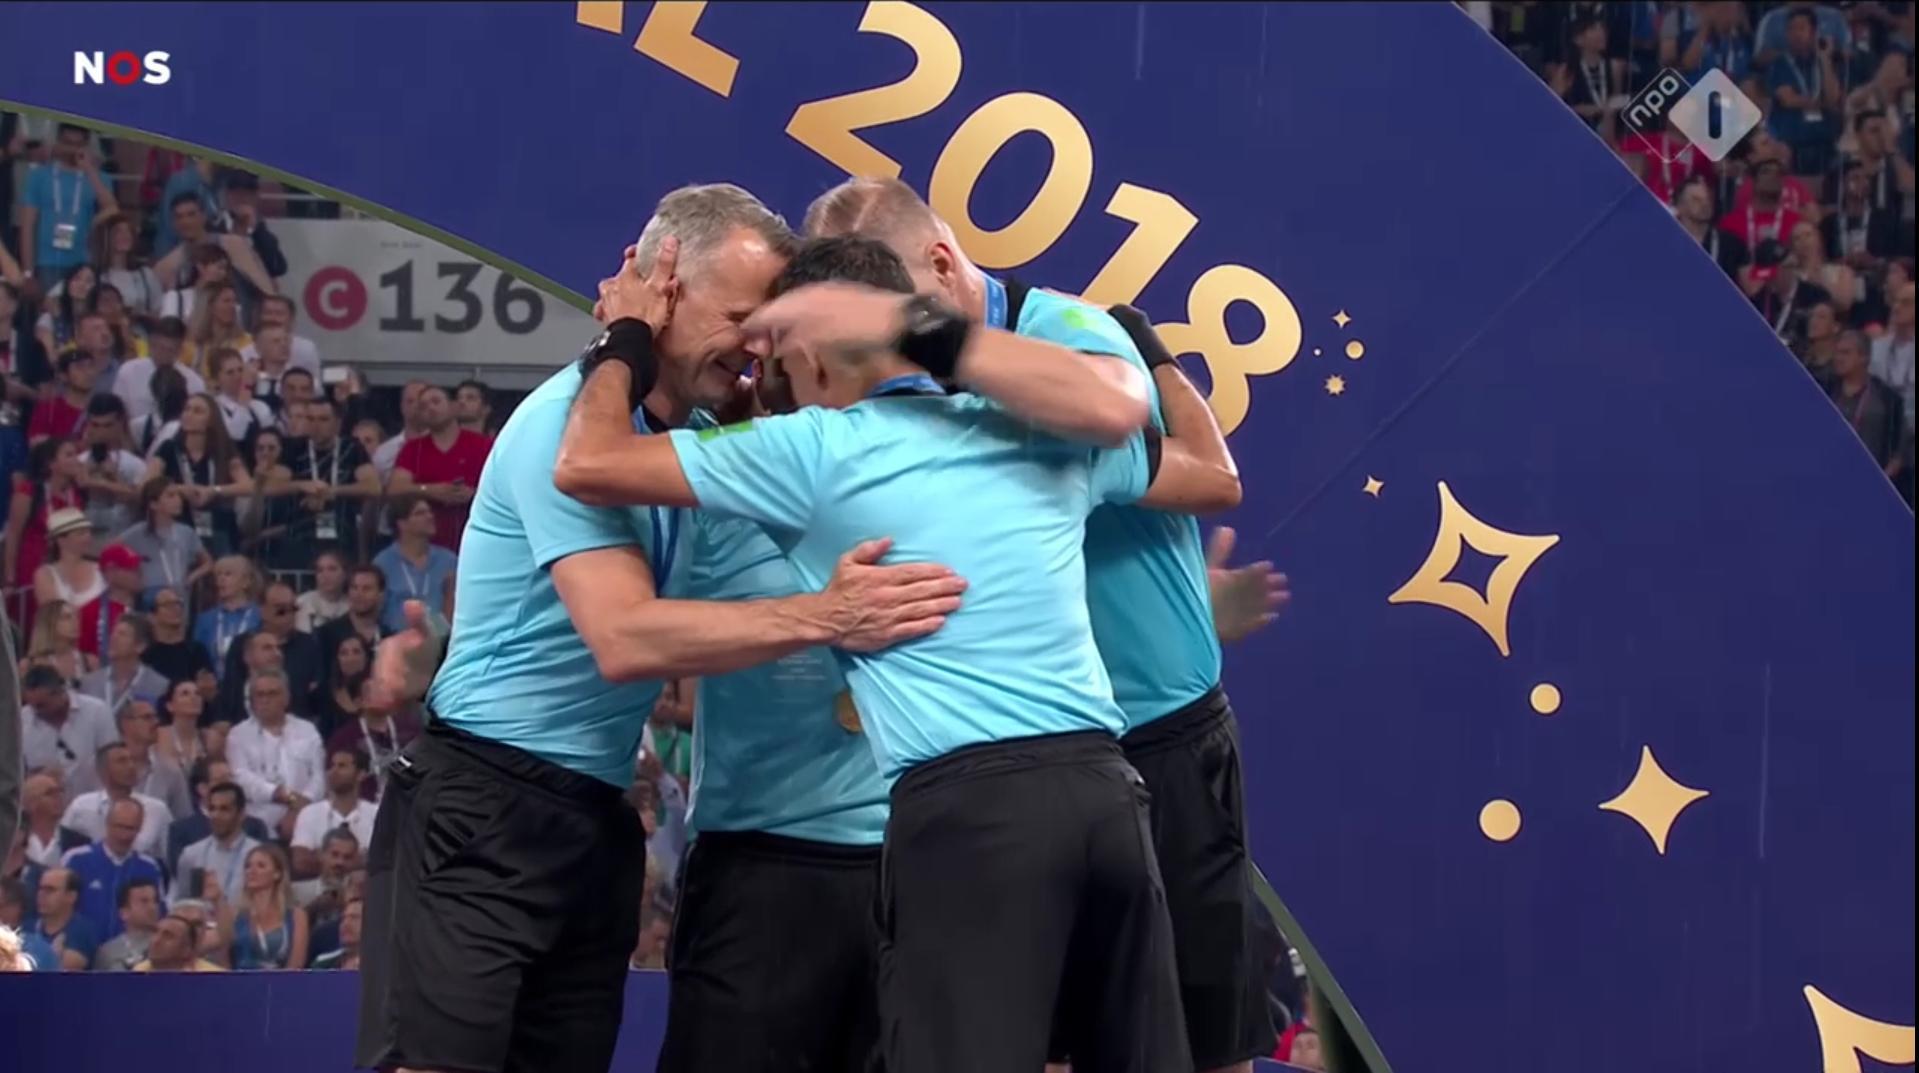 World Cup final referee Nestor Pitana team hug